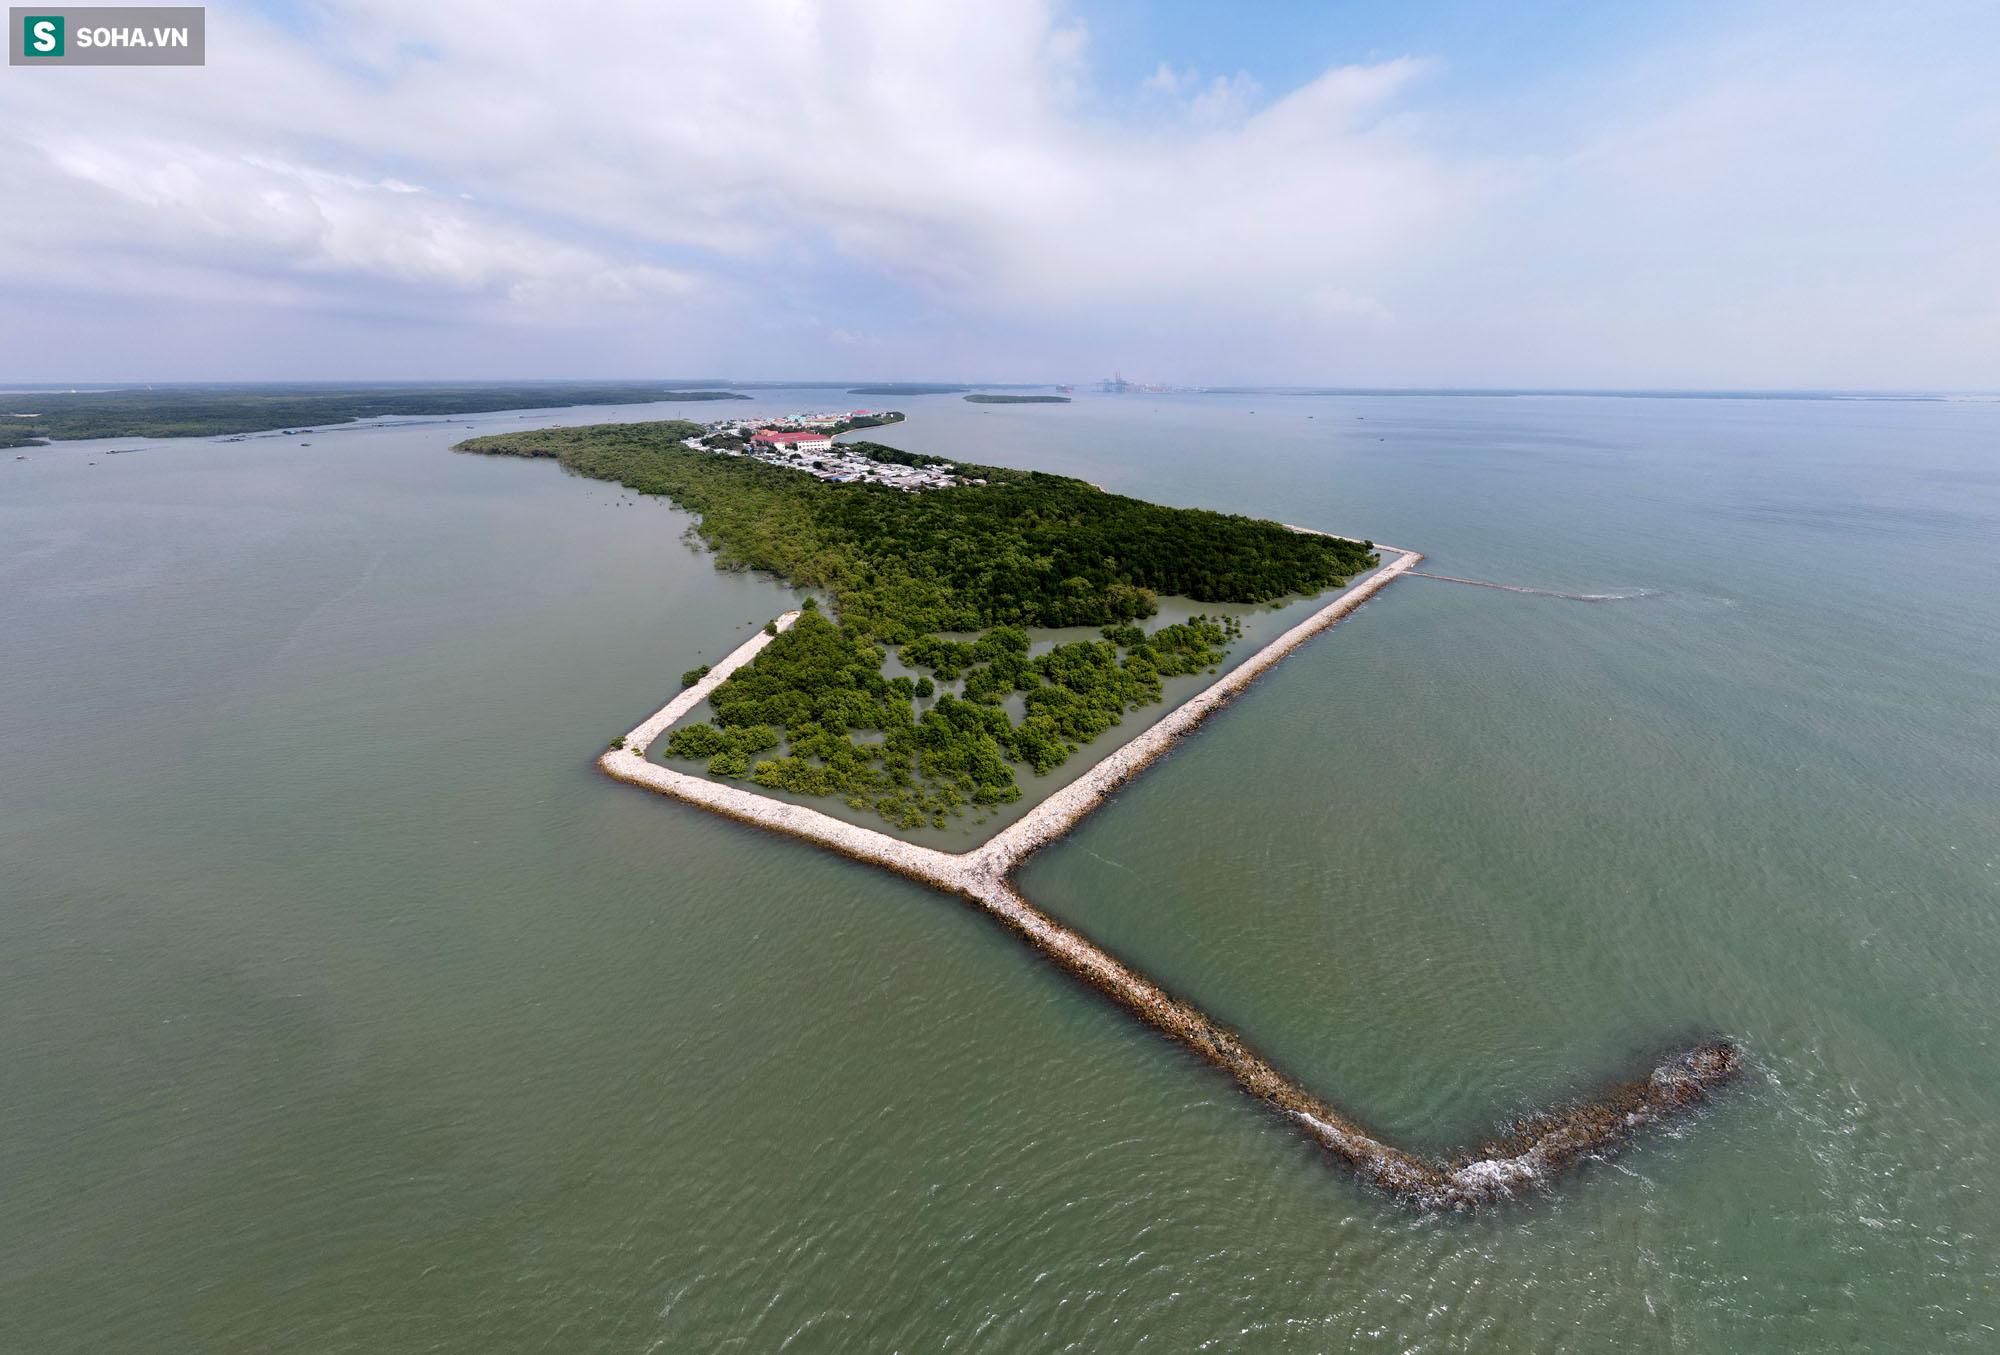 Nằm giữa biển Cần Giờ có một hòn đảo đẹp ngỡ ngàng, hoang sơ, rất ít người biết ở TP.HCM - Ảnh 21.